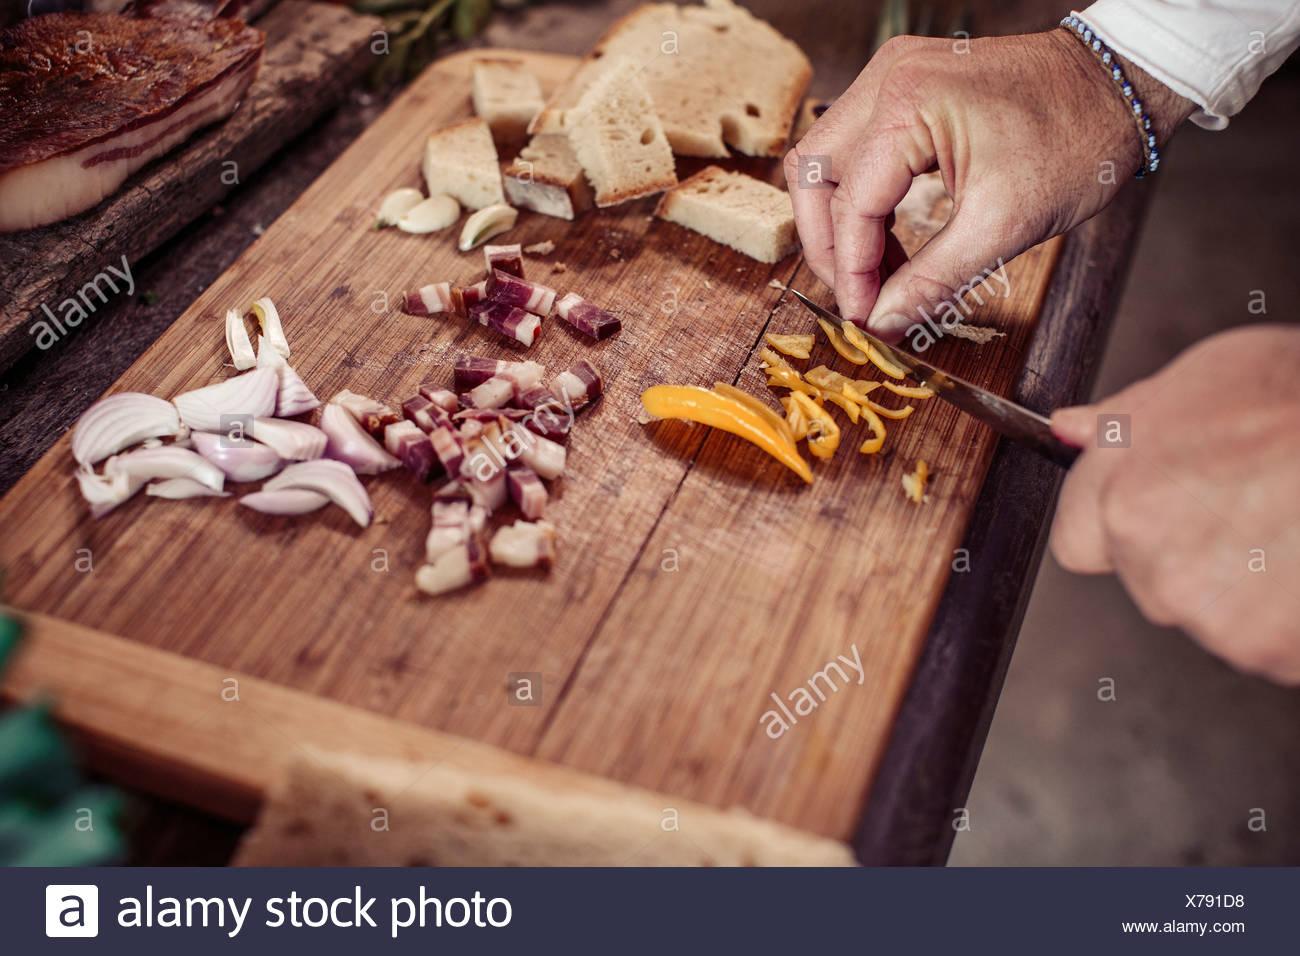 Person preparing dish, cutting ingredients - Stock Image